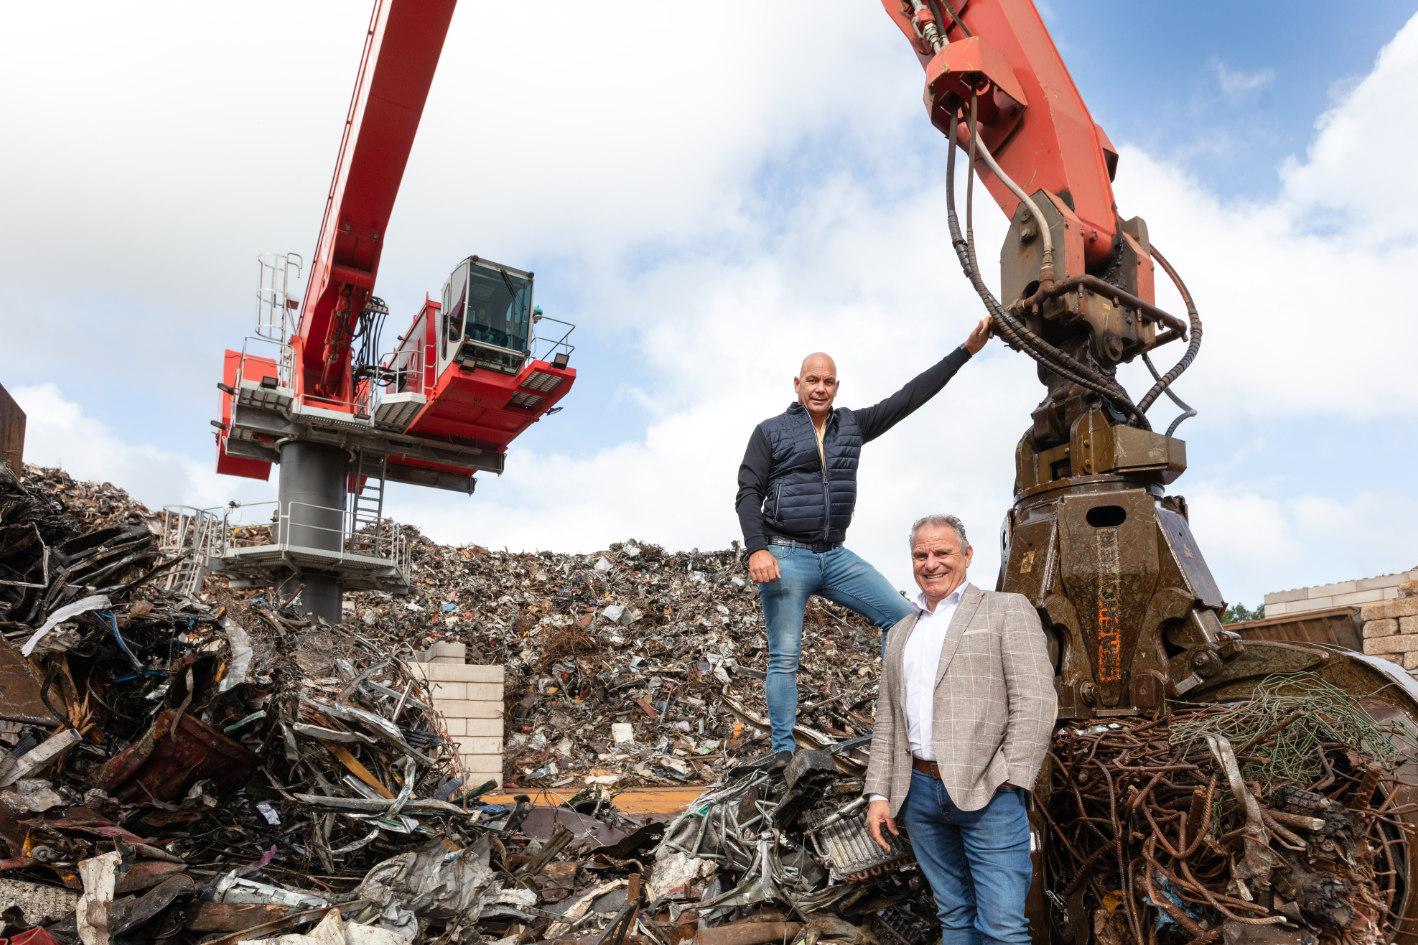 Gert en Ewald Huzink, de eigenaren van Riwald Recycling in Almelo en Beverwijk.